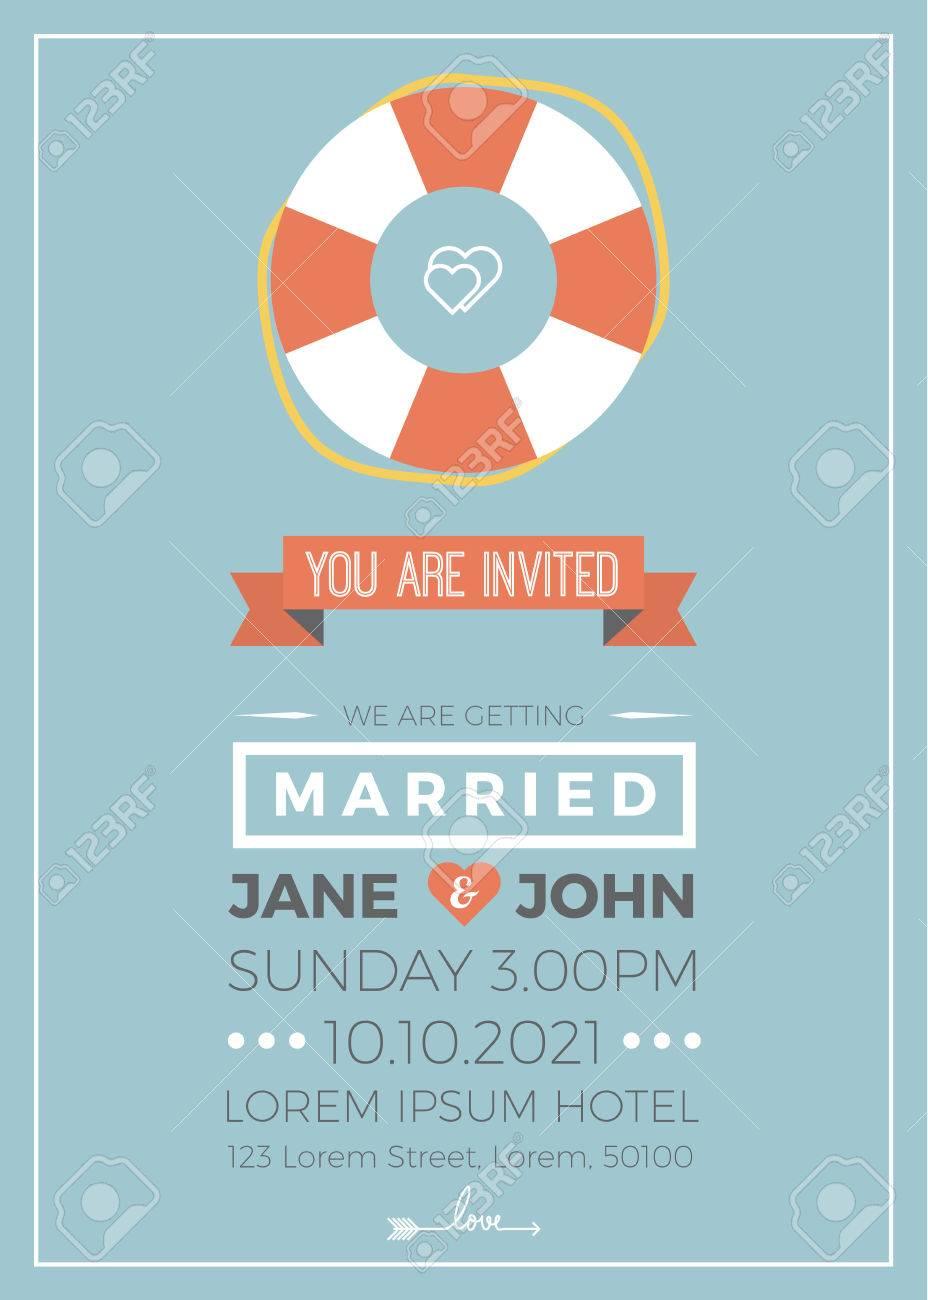 Vintage wedding invitation card a5 size frame layout print template imagens vintage wedding invitation card a5 size frame layout print template stopboris Images